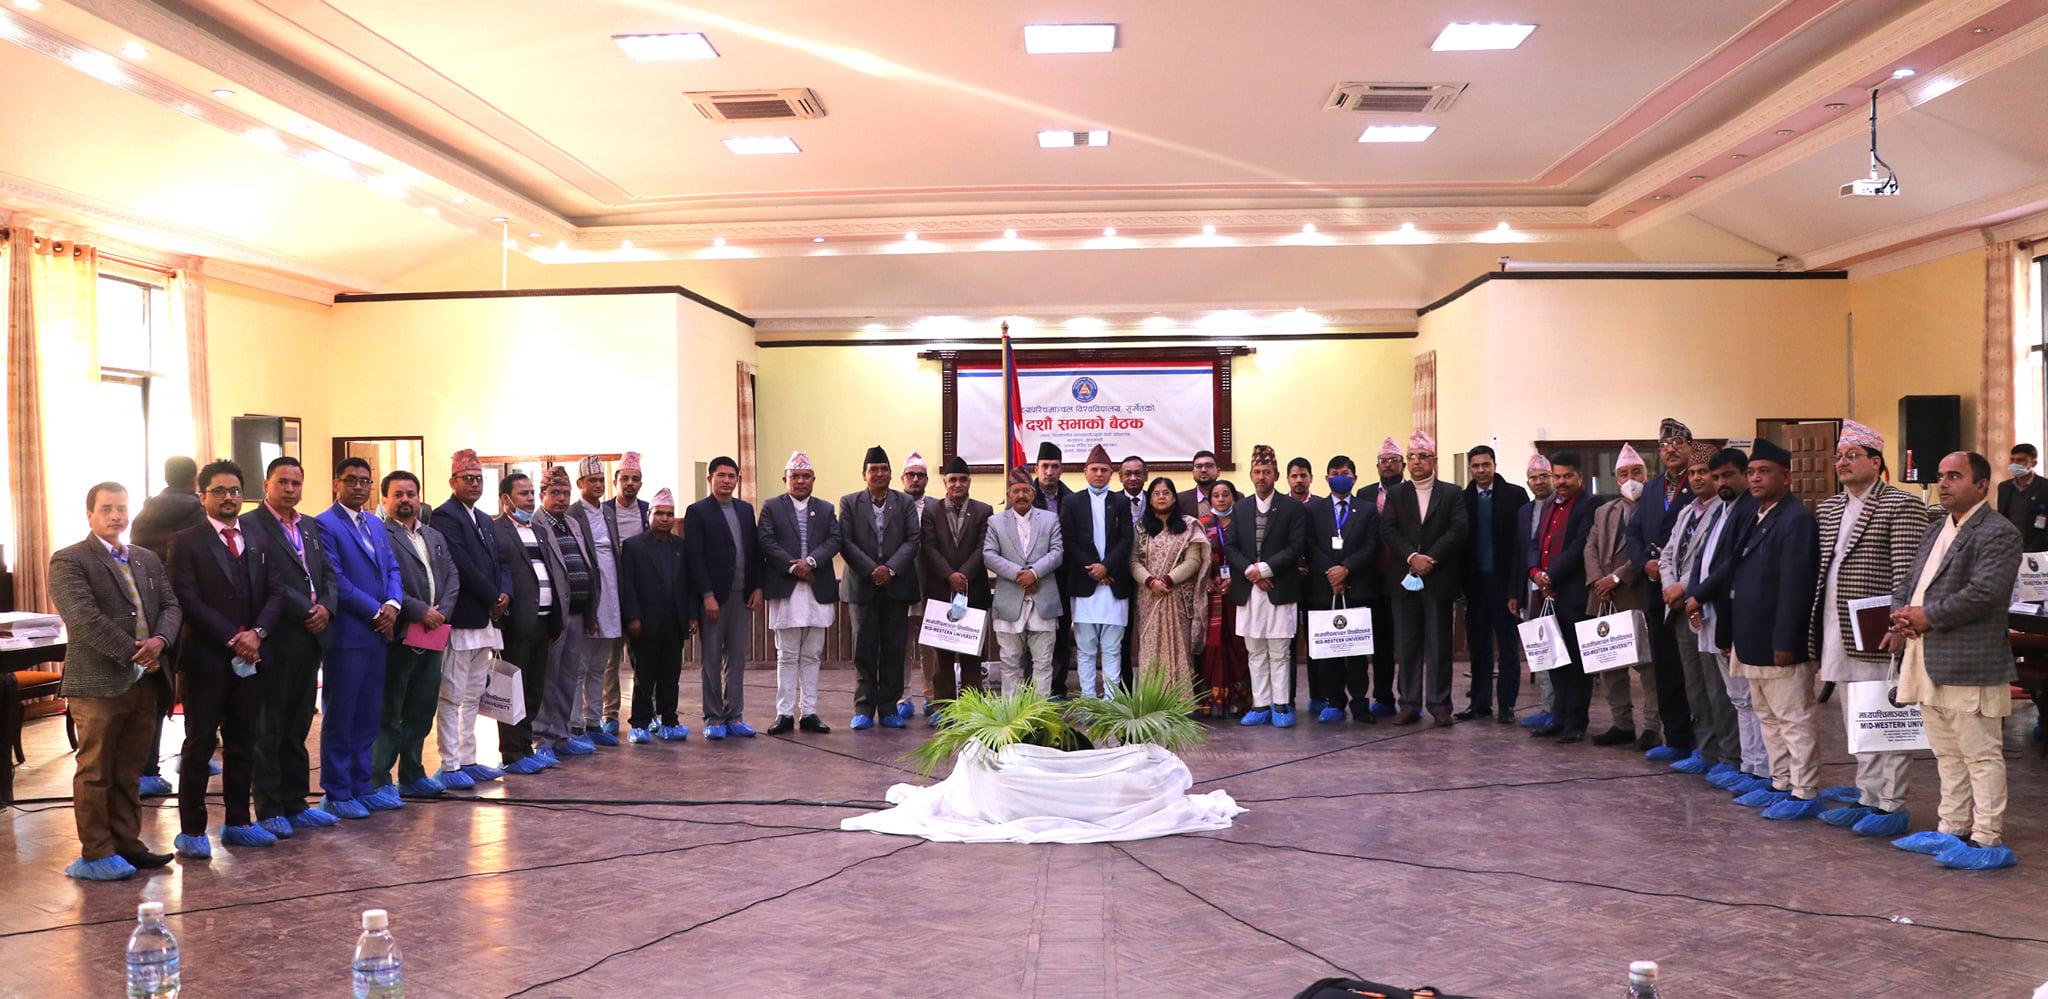 मध्यपश्चिमाञ्चल विश्वविद्यालयको आफ्नै सुरक्षा युनिट